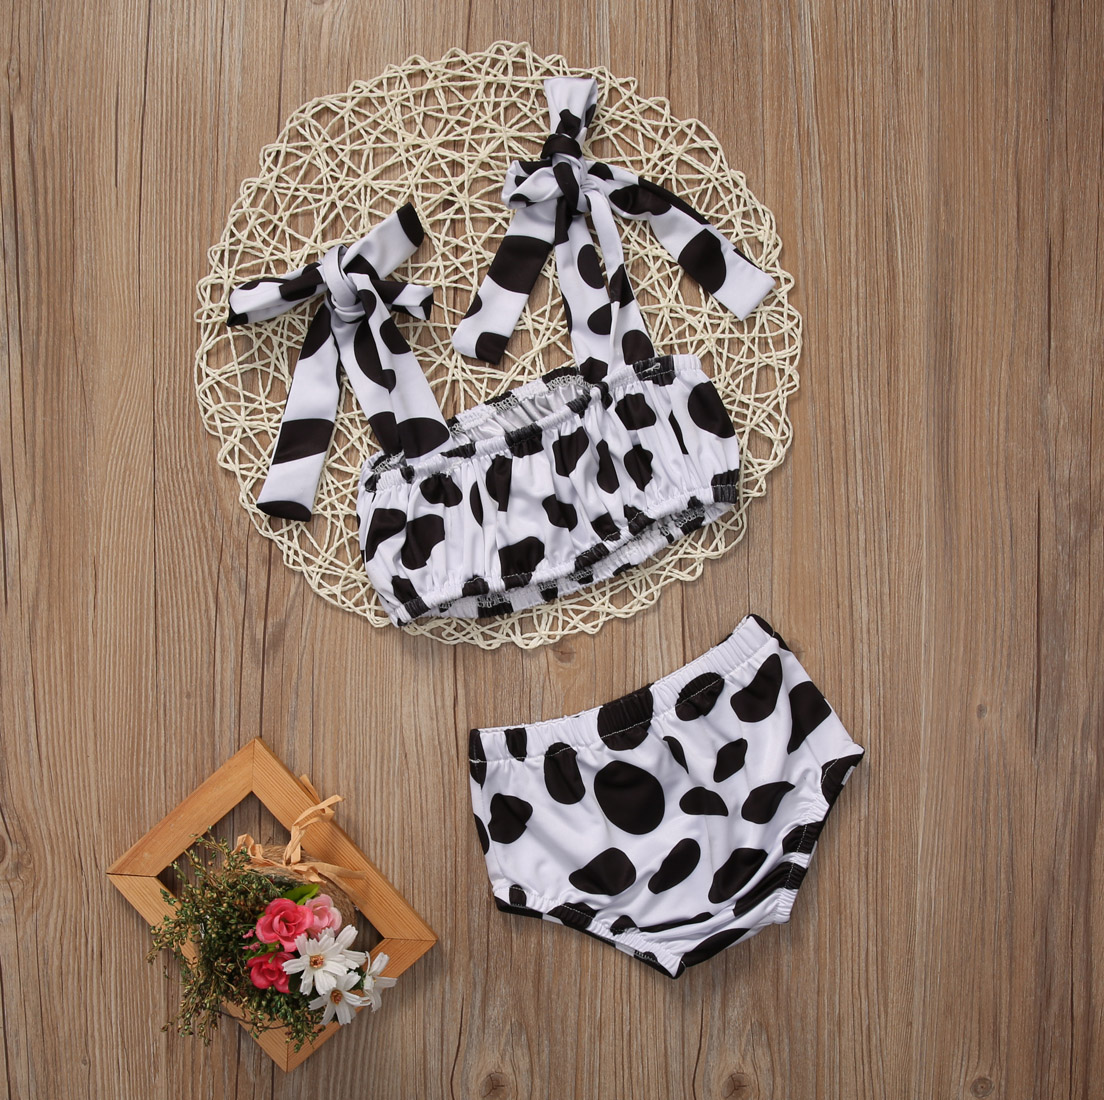 2PCS Kids Baby Girls Bikini Set ujumistrikoo Ujumisriided Tankini - Spordiriided ja aksessuaarid - Foto 6